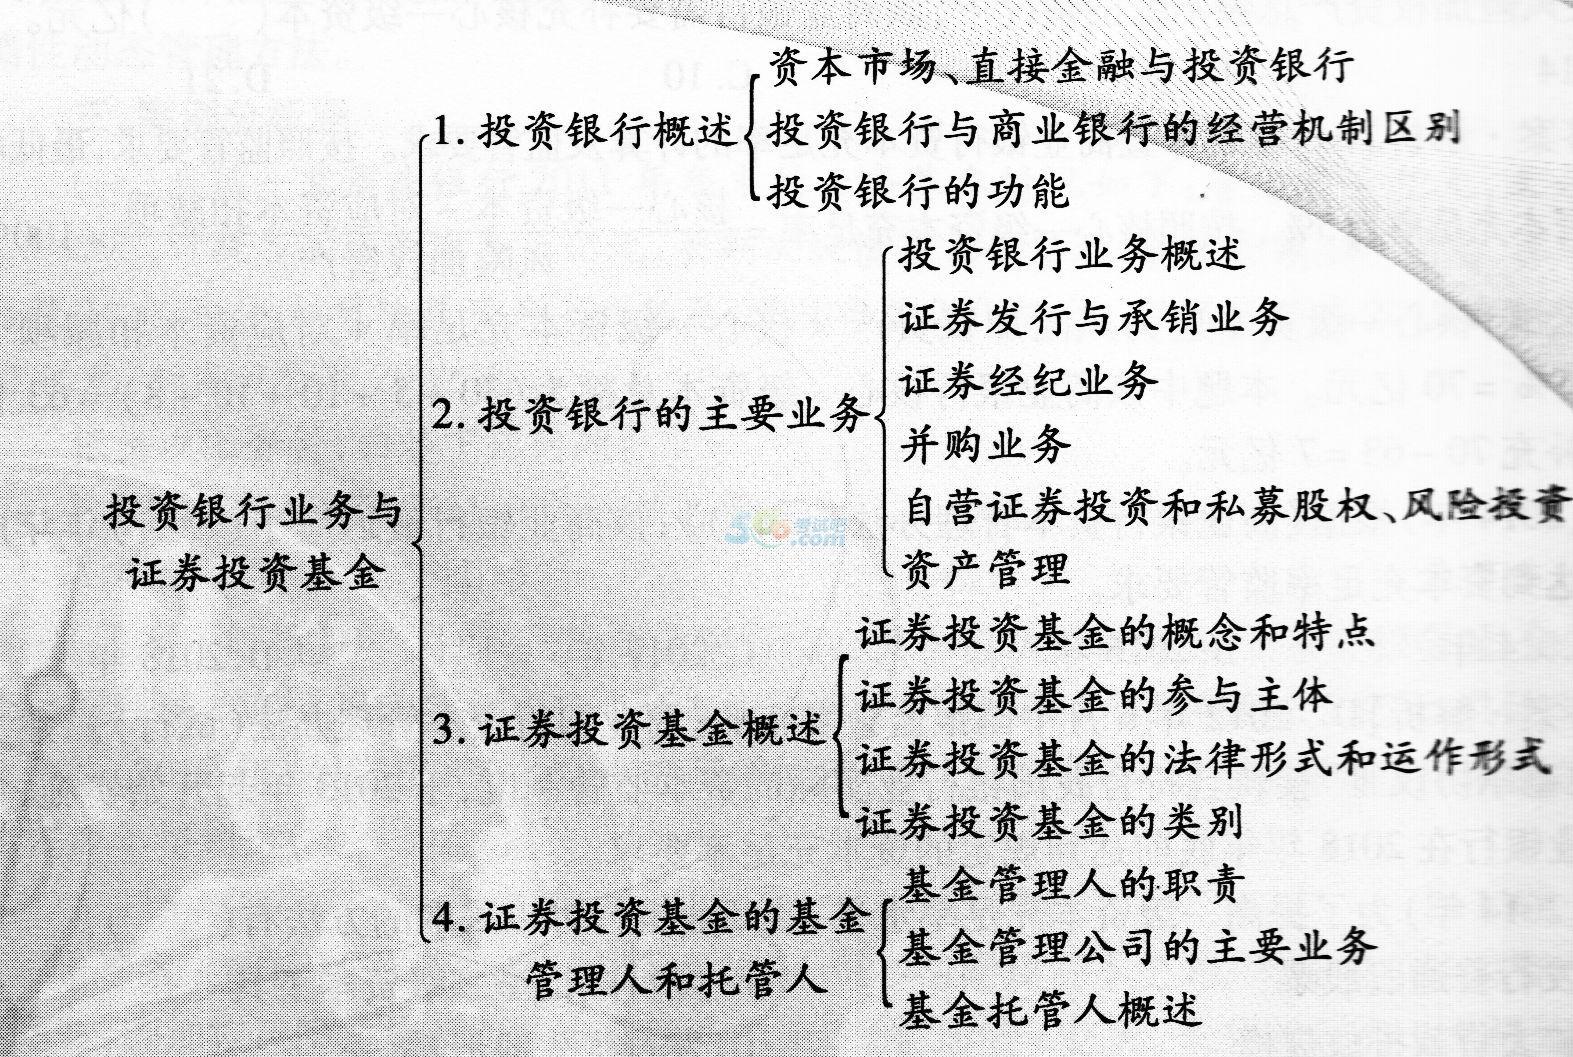 2015年经济师考试《中级金融》备考章节讲义(5)